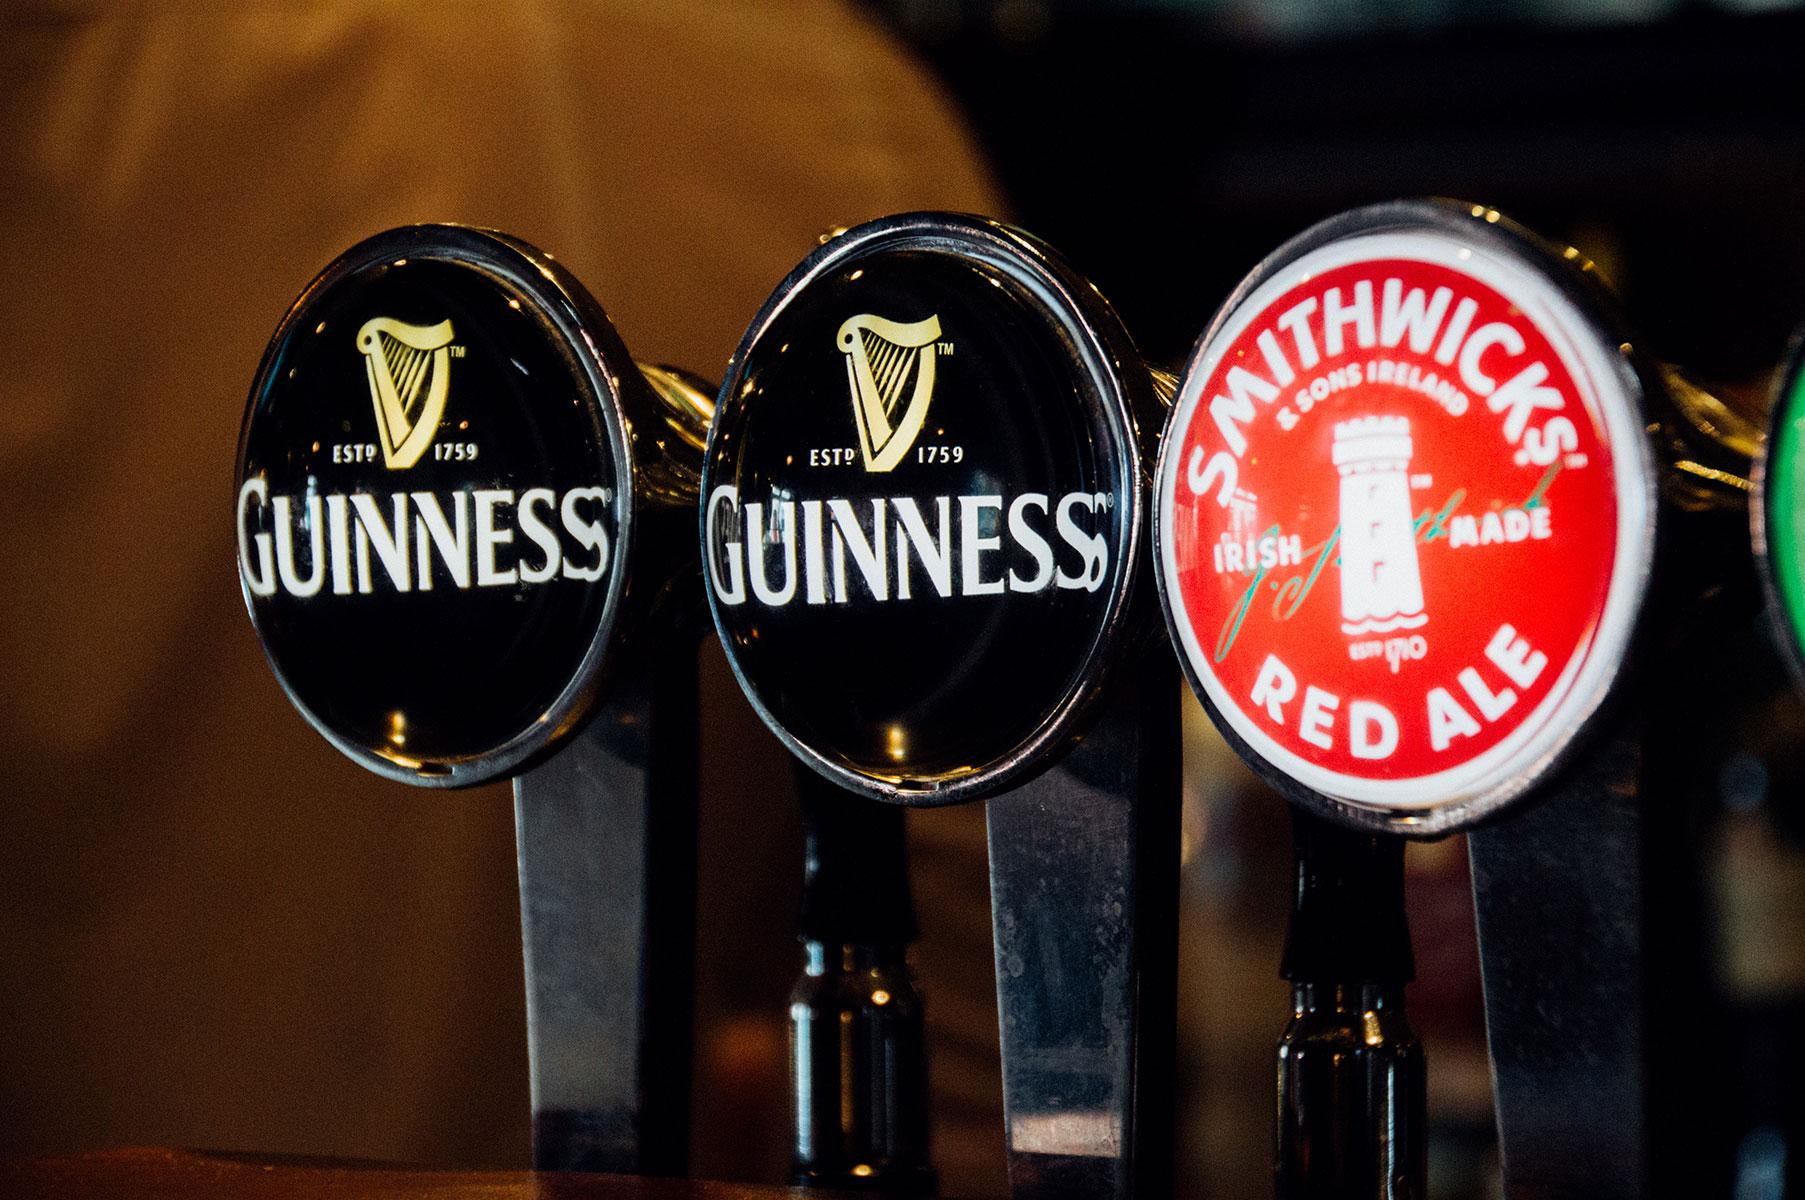 Visiter Howth Guinness voyage Dublin